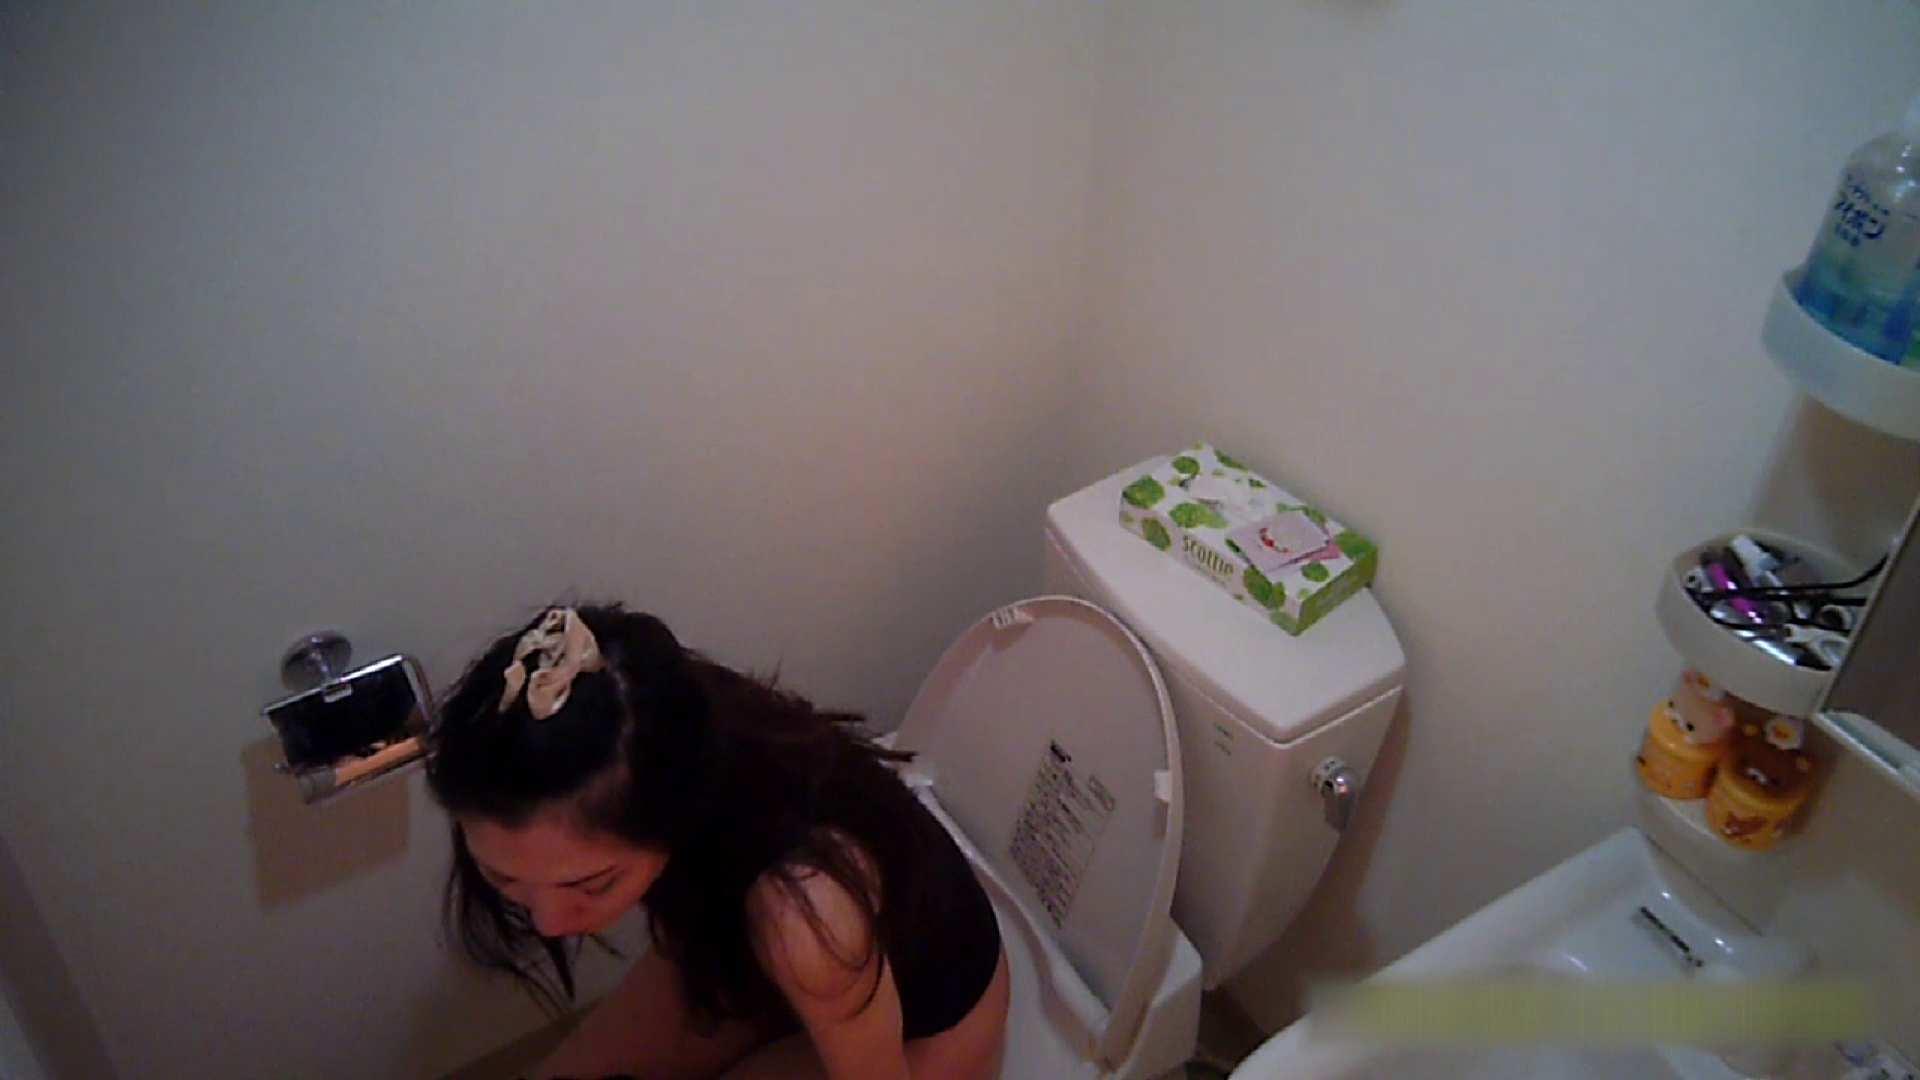 清楚な顔してかなり敏感なE子25歳(仮名)Vol.05 裸でトイレ編 高画質動画 おまんこ無修正動画無料 105画像 53